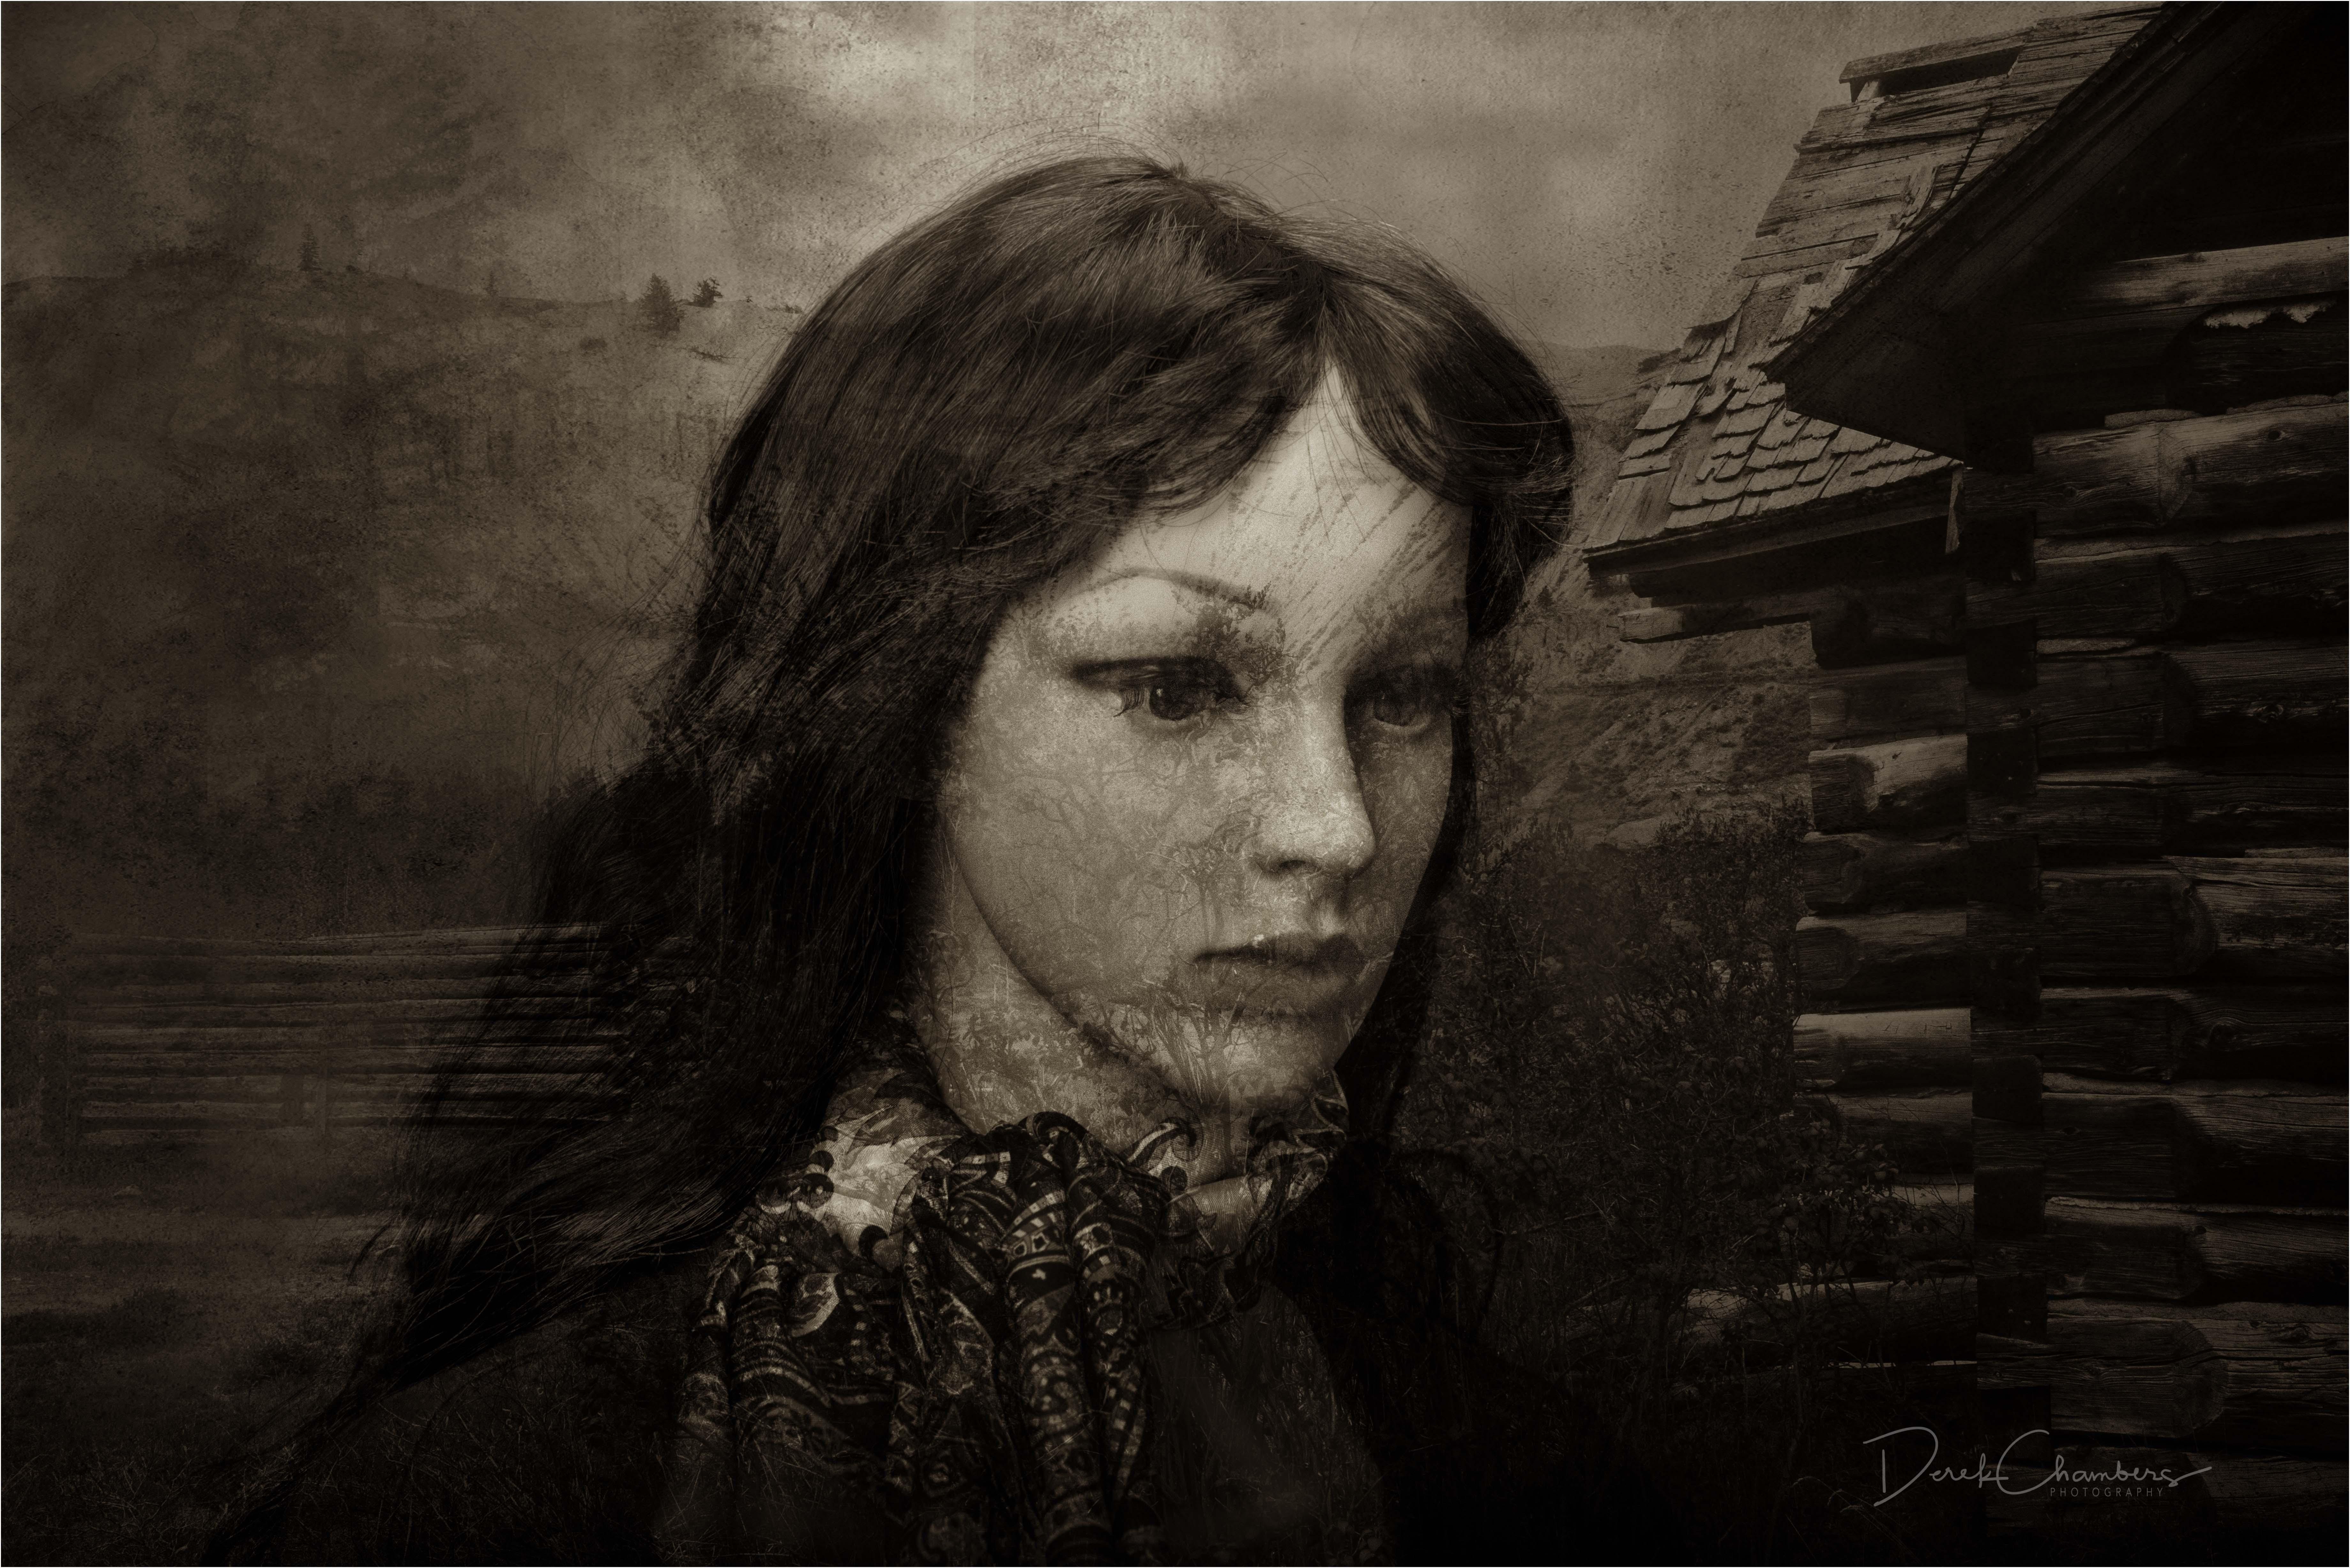 Zelda of Farwell - Derek Chambers